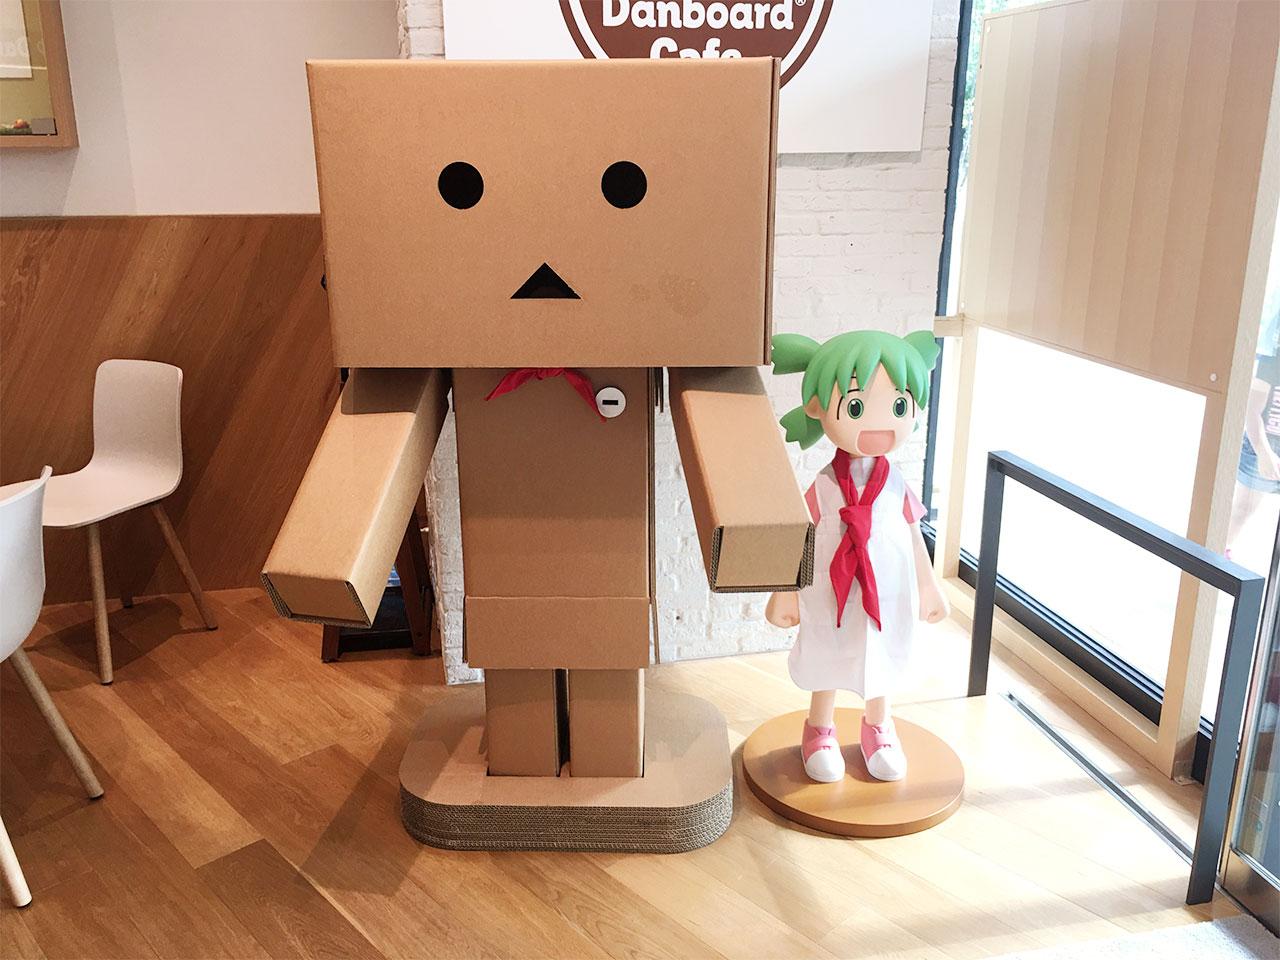 tachikawa-danboard-cafe-doll01